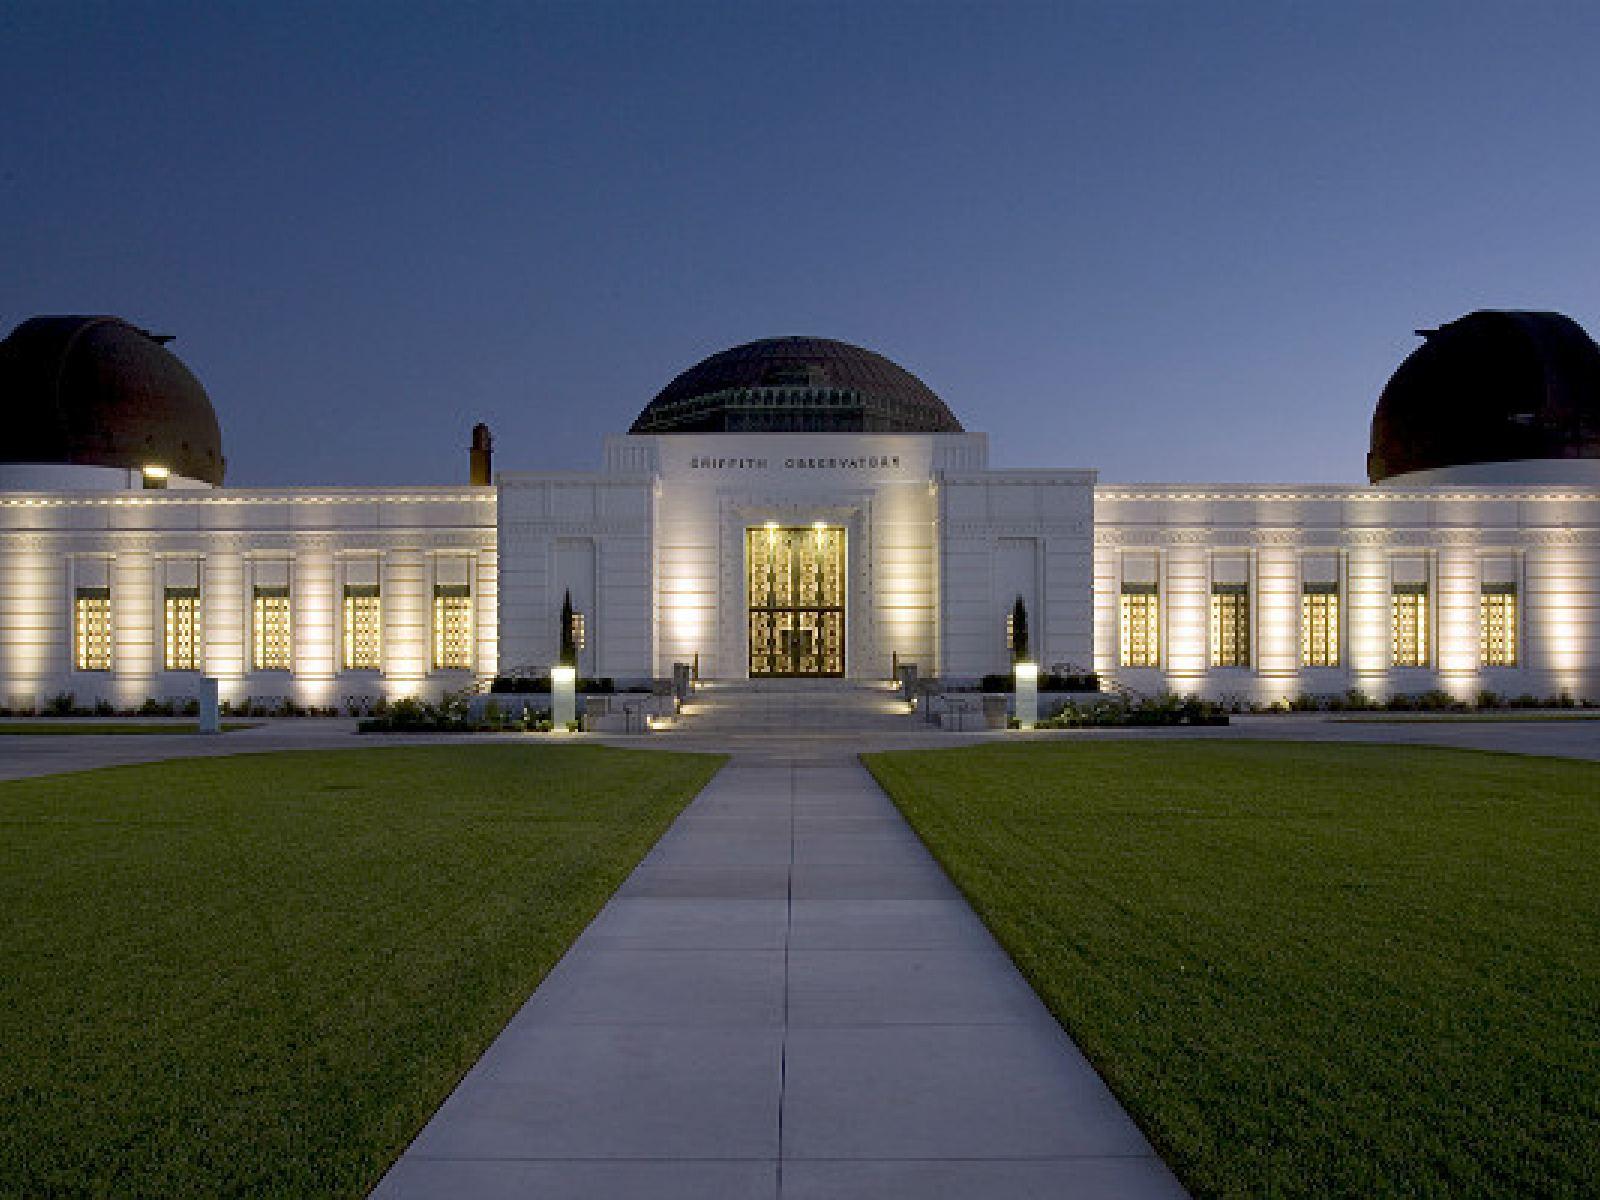 Main image for article titled El Observatorio Griffith: La Historia de un Ícono de Los Ángeles